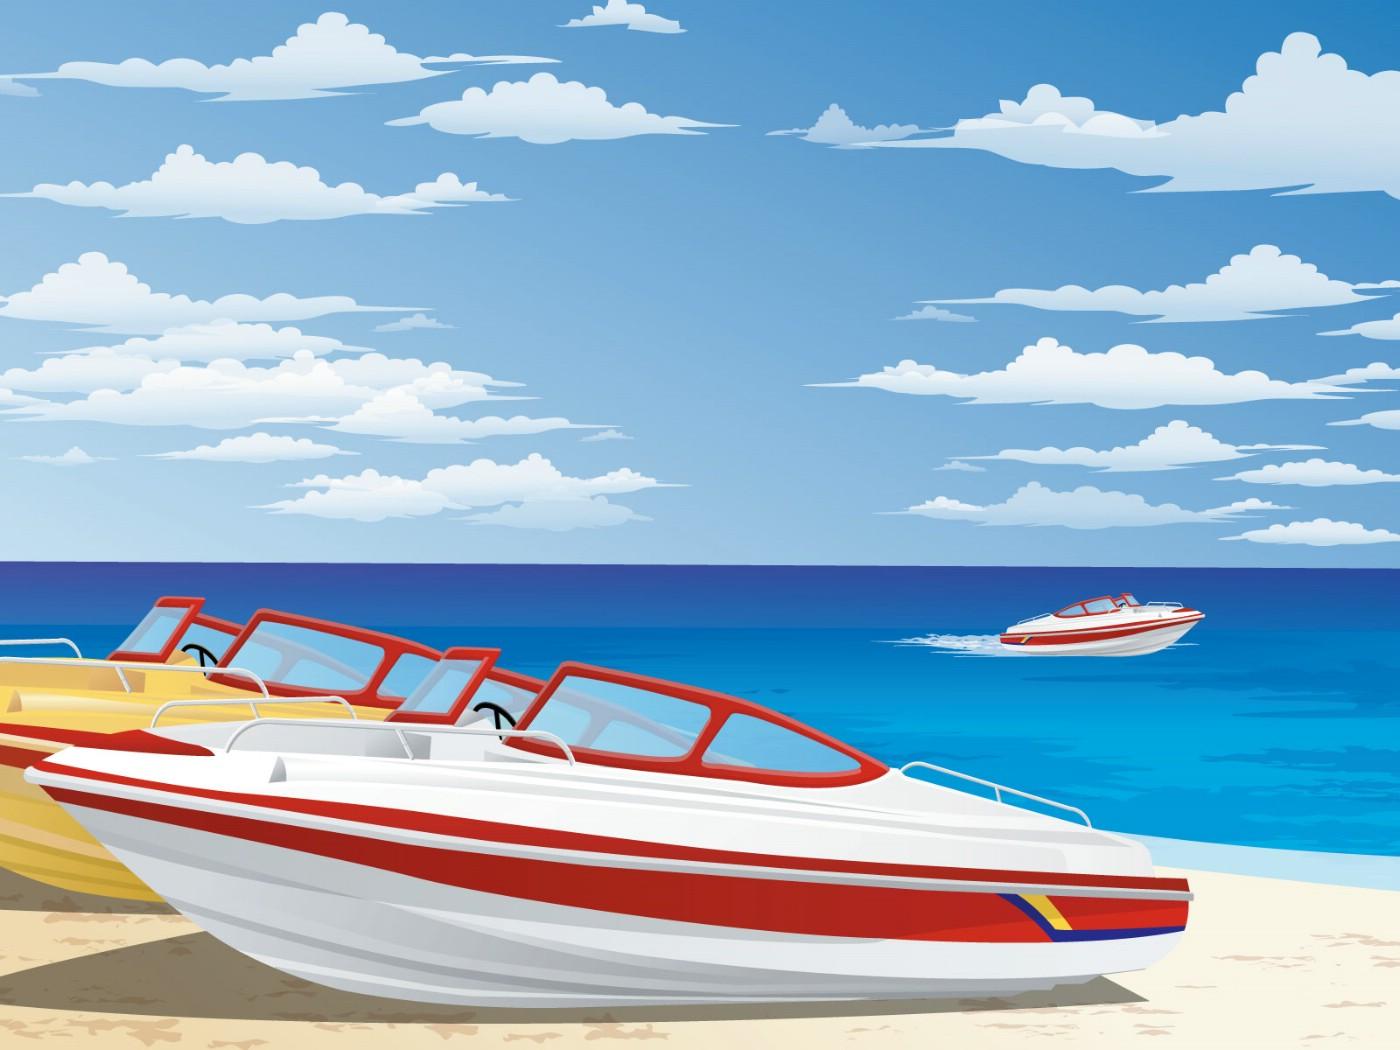 壁纸1400×1050矢量夏日海滩 1 11壁纸 矢量风光 矢量夏日海滩 第一辑壁纸图片矢量壁纸矢量图片素材桌面壁纸